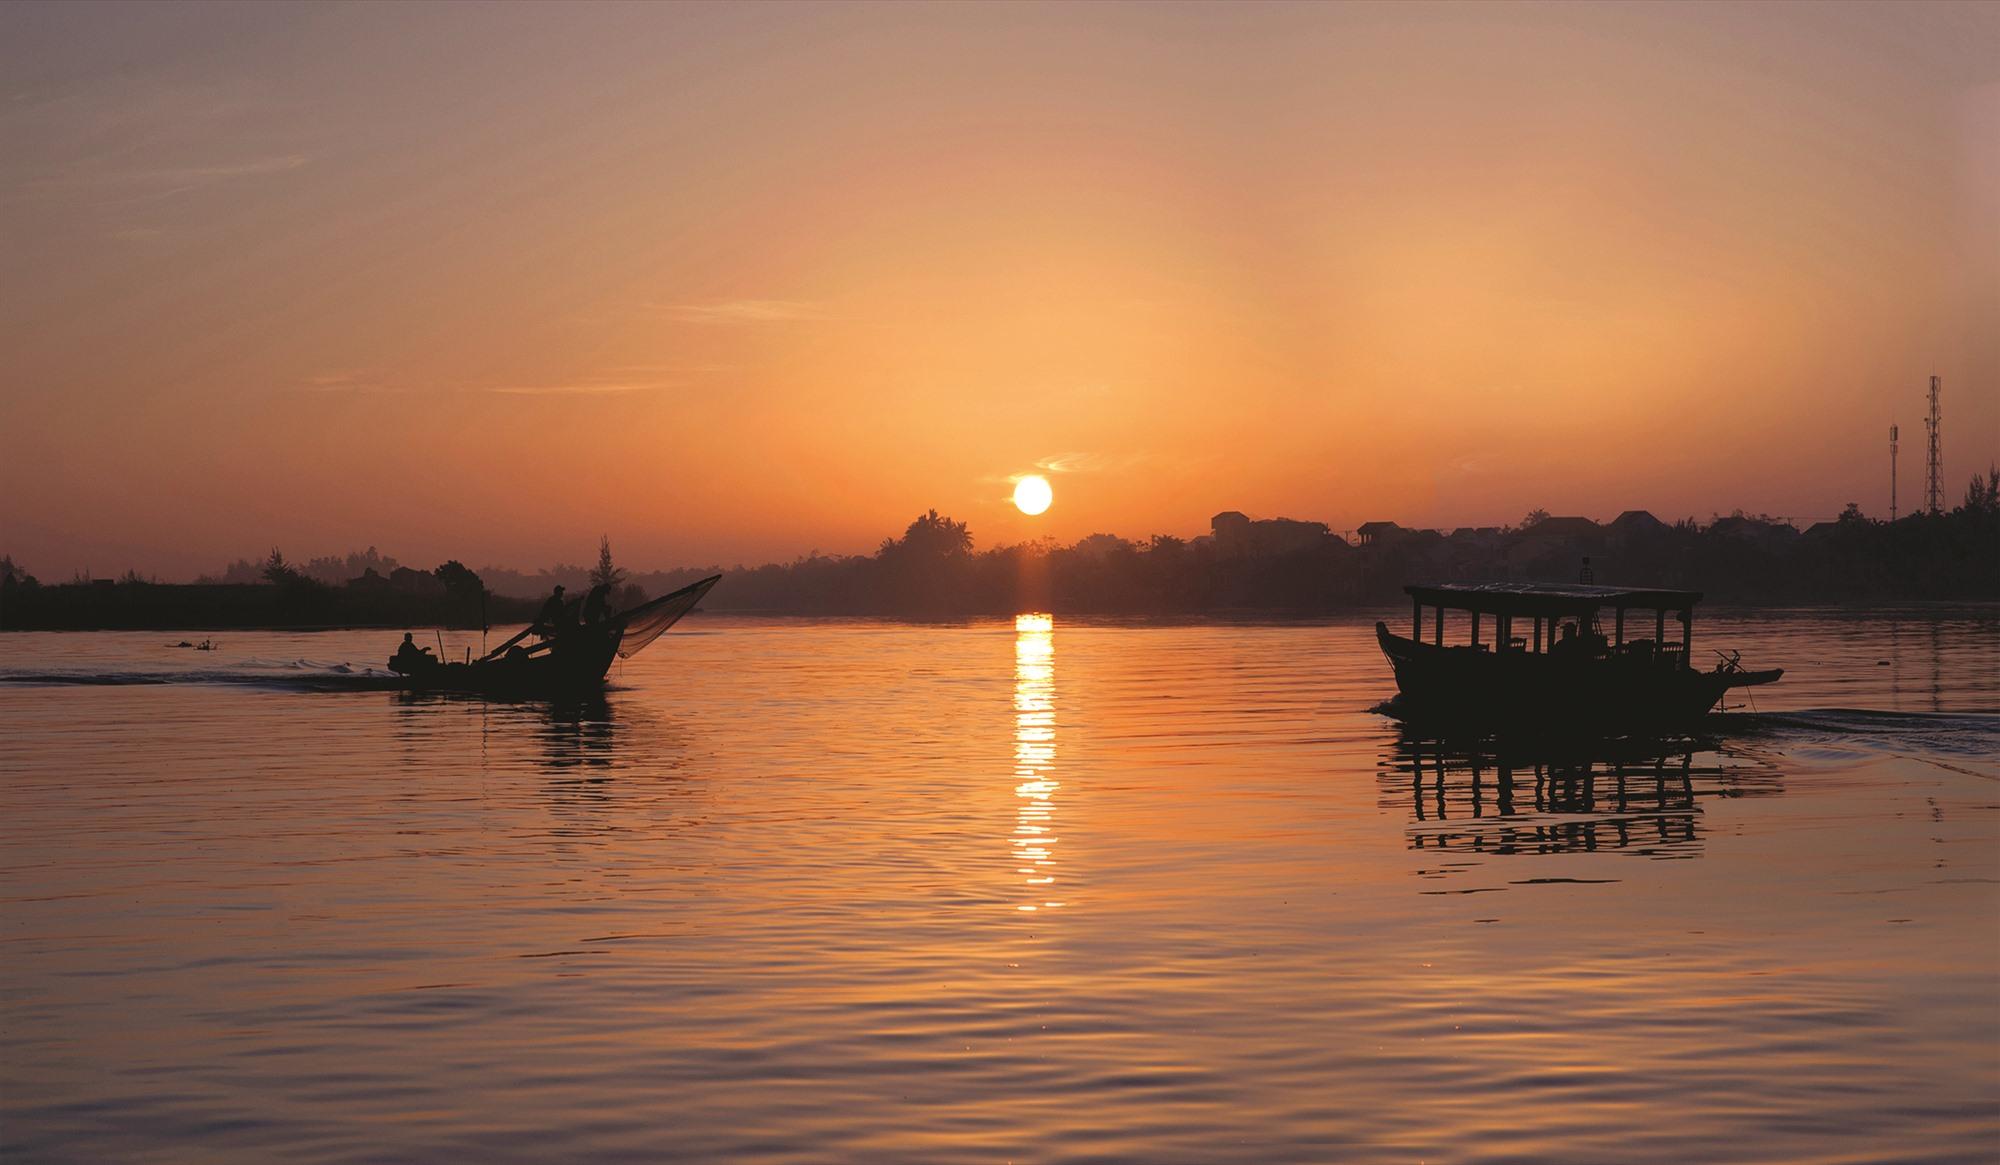 Sông Thu Bồn. Ảnh: NGUYỄN HỮU KHIÊM